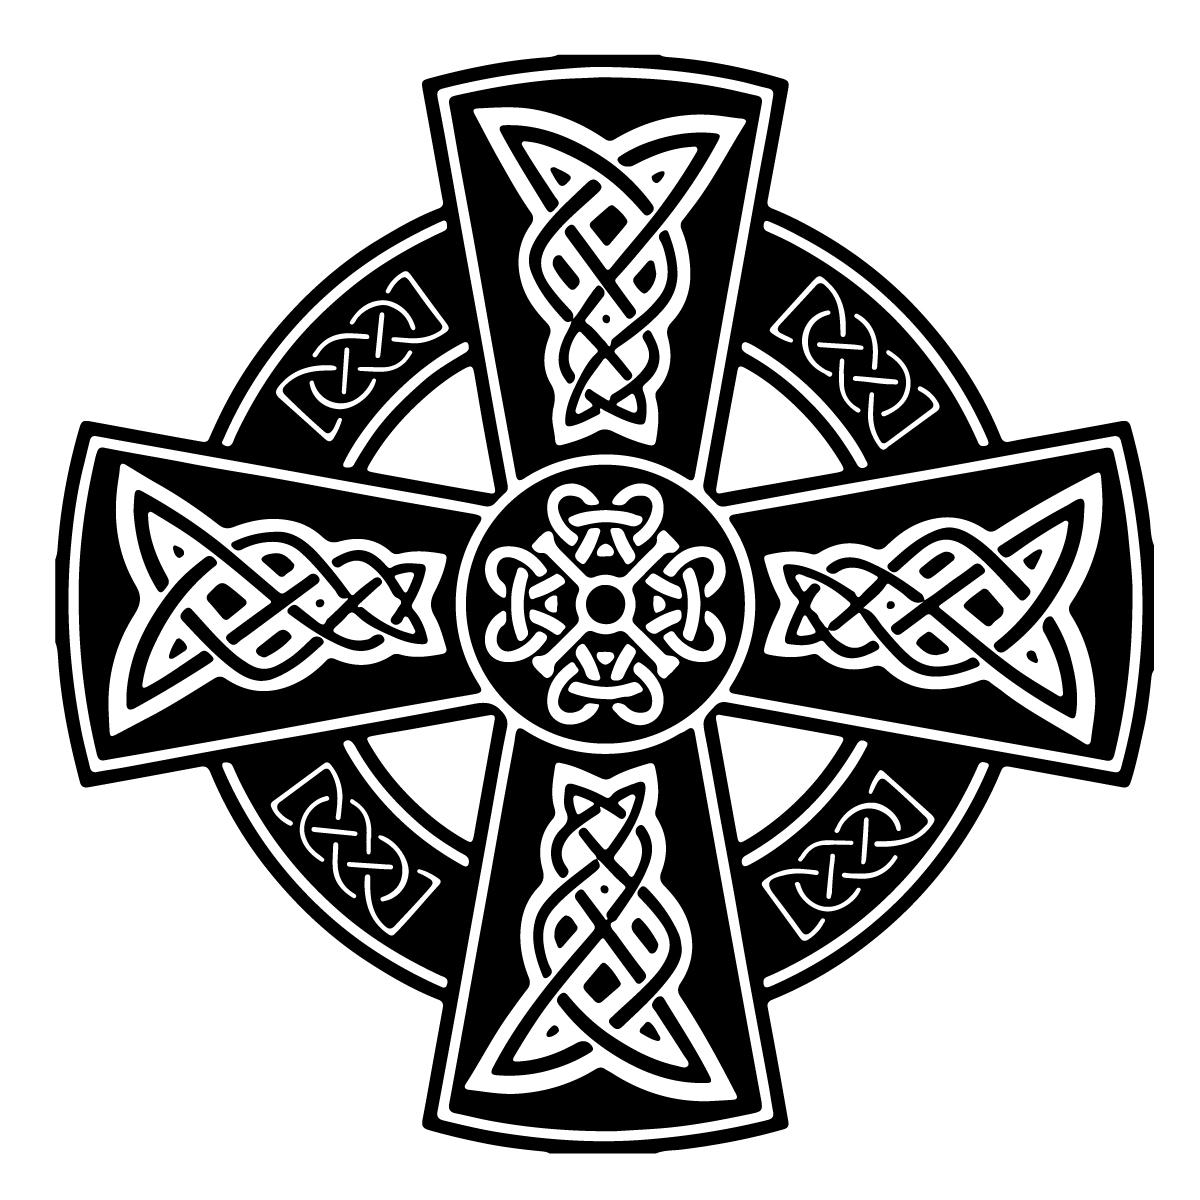 Greek mythological symbols choice image symbol and sign ideas mythology symbols and meanings greek mythology symbols and meanings buycottarizona biocorpaavc